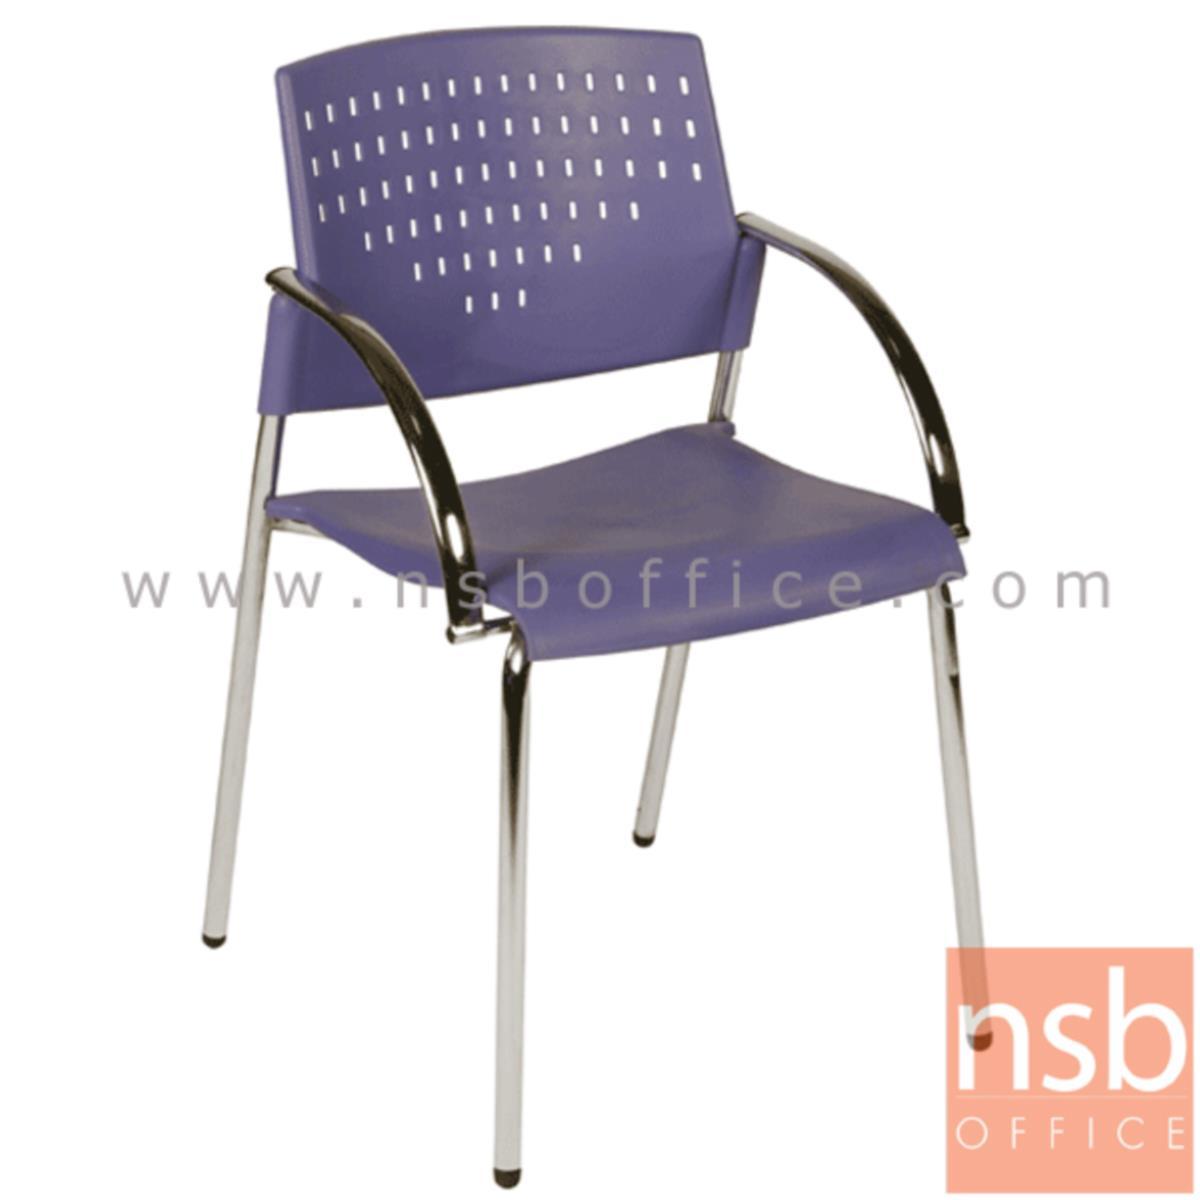 B05A040:เก้าอี้อเนกประสงค์เฟรมโพลี่  รุ่น A4-51  ขาเหล็กชุบโครเมี่ยม